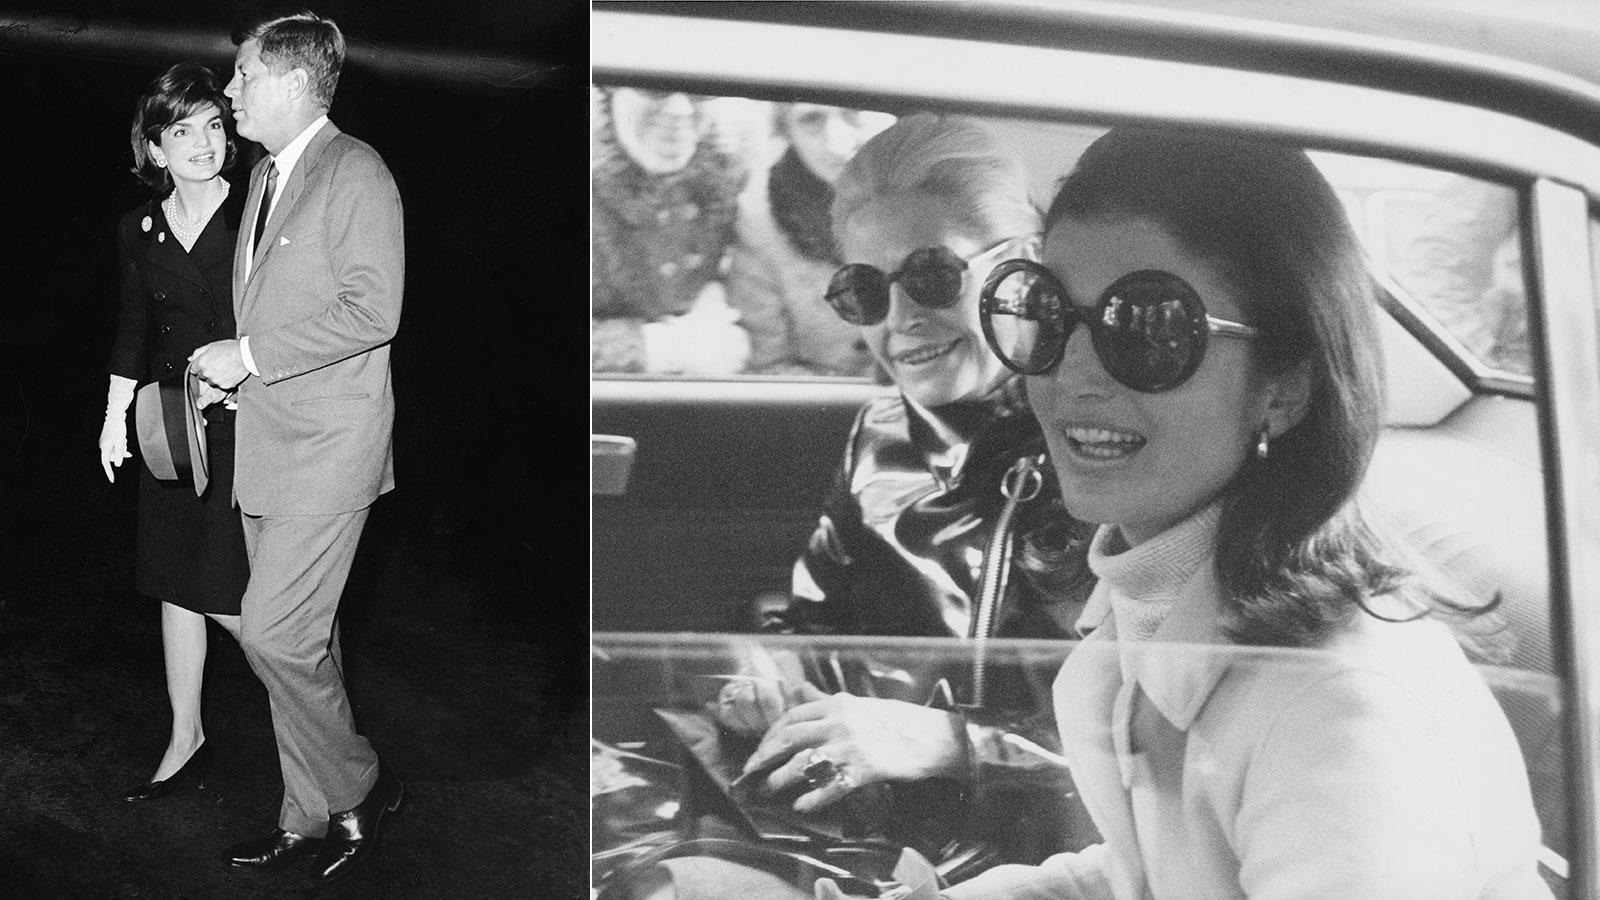 Az Egyesült Államok First Lady-je volt, amikor a világ felfigyelt páratlan stílusára, amivel pillanatok alatt az amerikai nők példaképe lett - kosztümjeit, A-vonalú ruháit, napszemüvegeit és kalapjait rengetegen próbálták lekoppintani. 1994-es haláláig Amerika egyik legstílusosabb nőjeként tartották számon, és azóta is sokakat inspirál. (Getty Images)